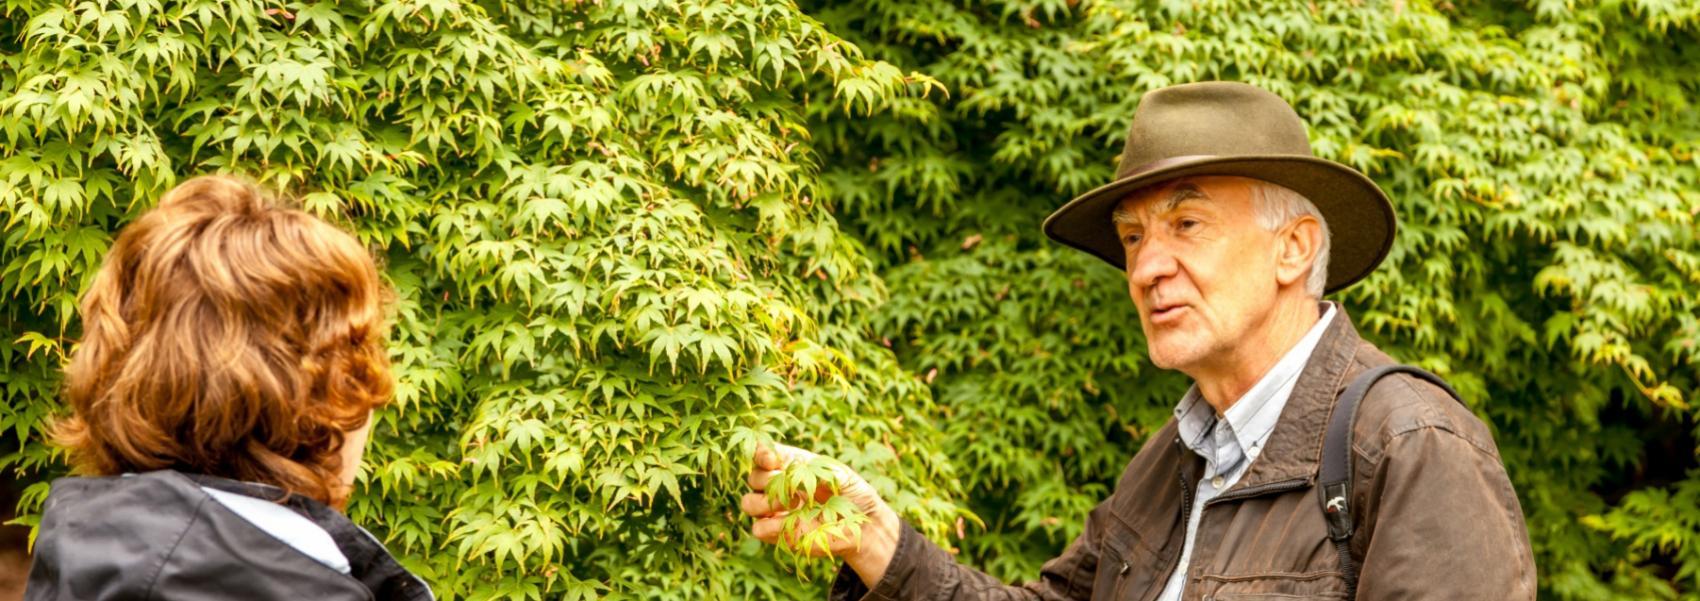 boswachter geeft uitleg over planten